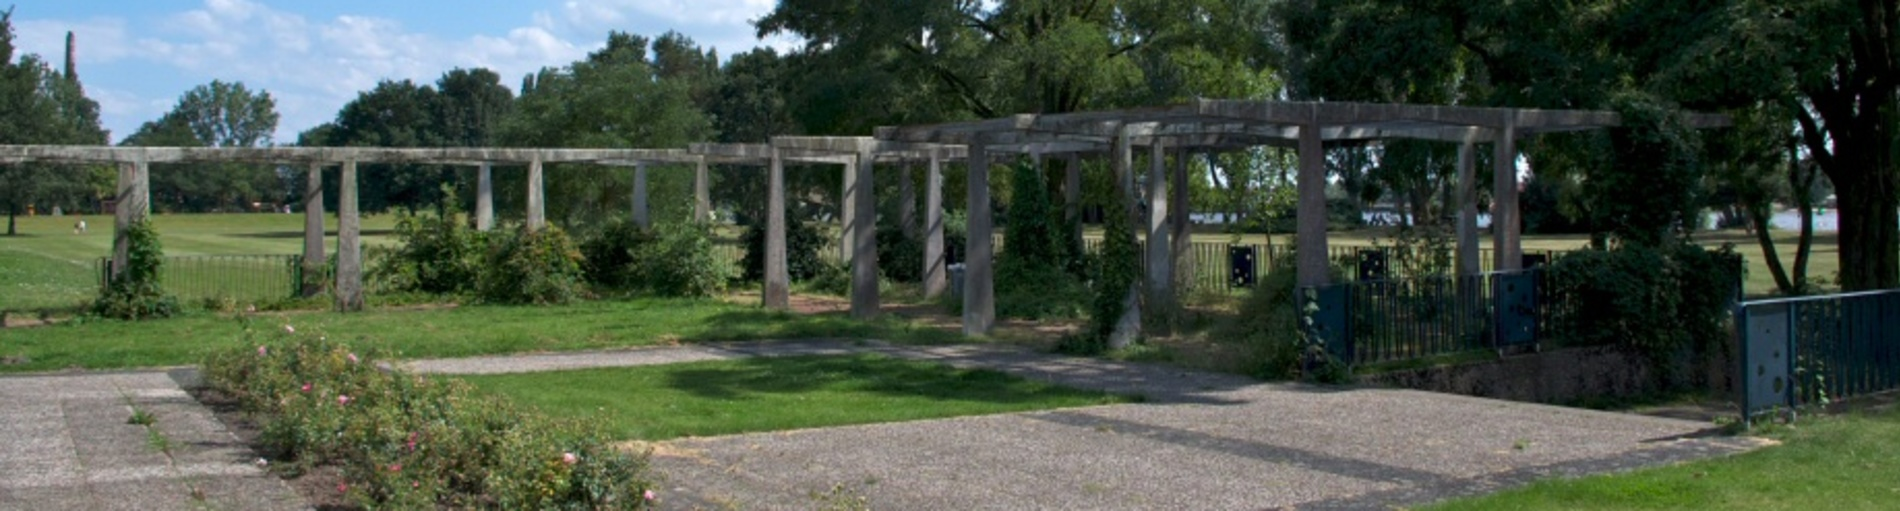 Blick auf die Gedenkstätte Bahrsplate